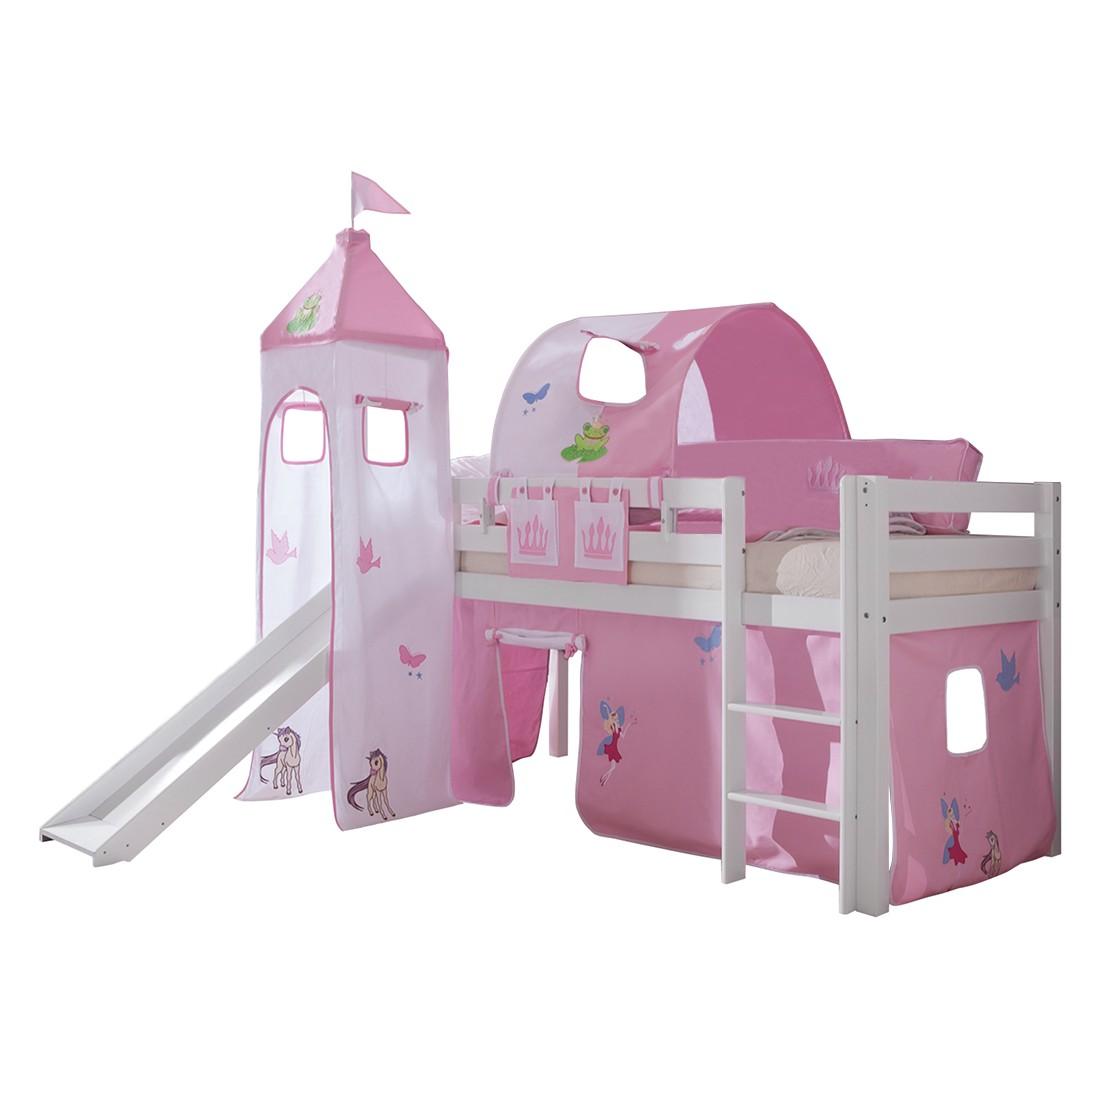 Spielbett Alex - mit Rutsche, Vorhang, Turm, 1-er Tunnel und Tasche -Buche weiß/Textil Princess, Relita